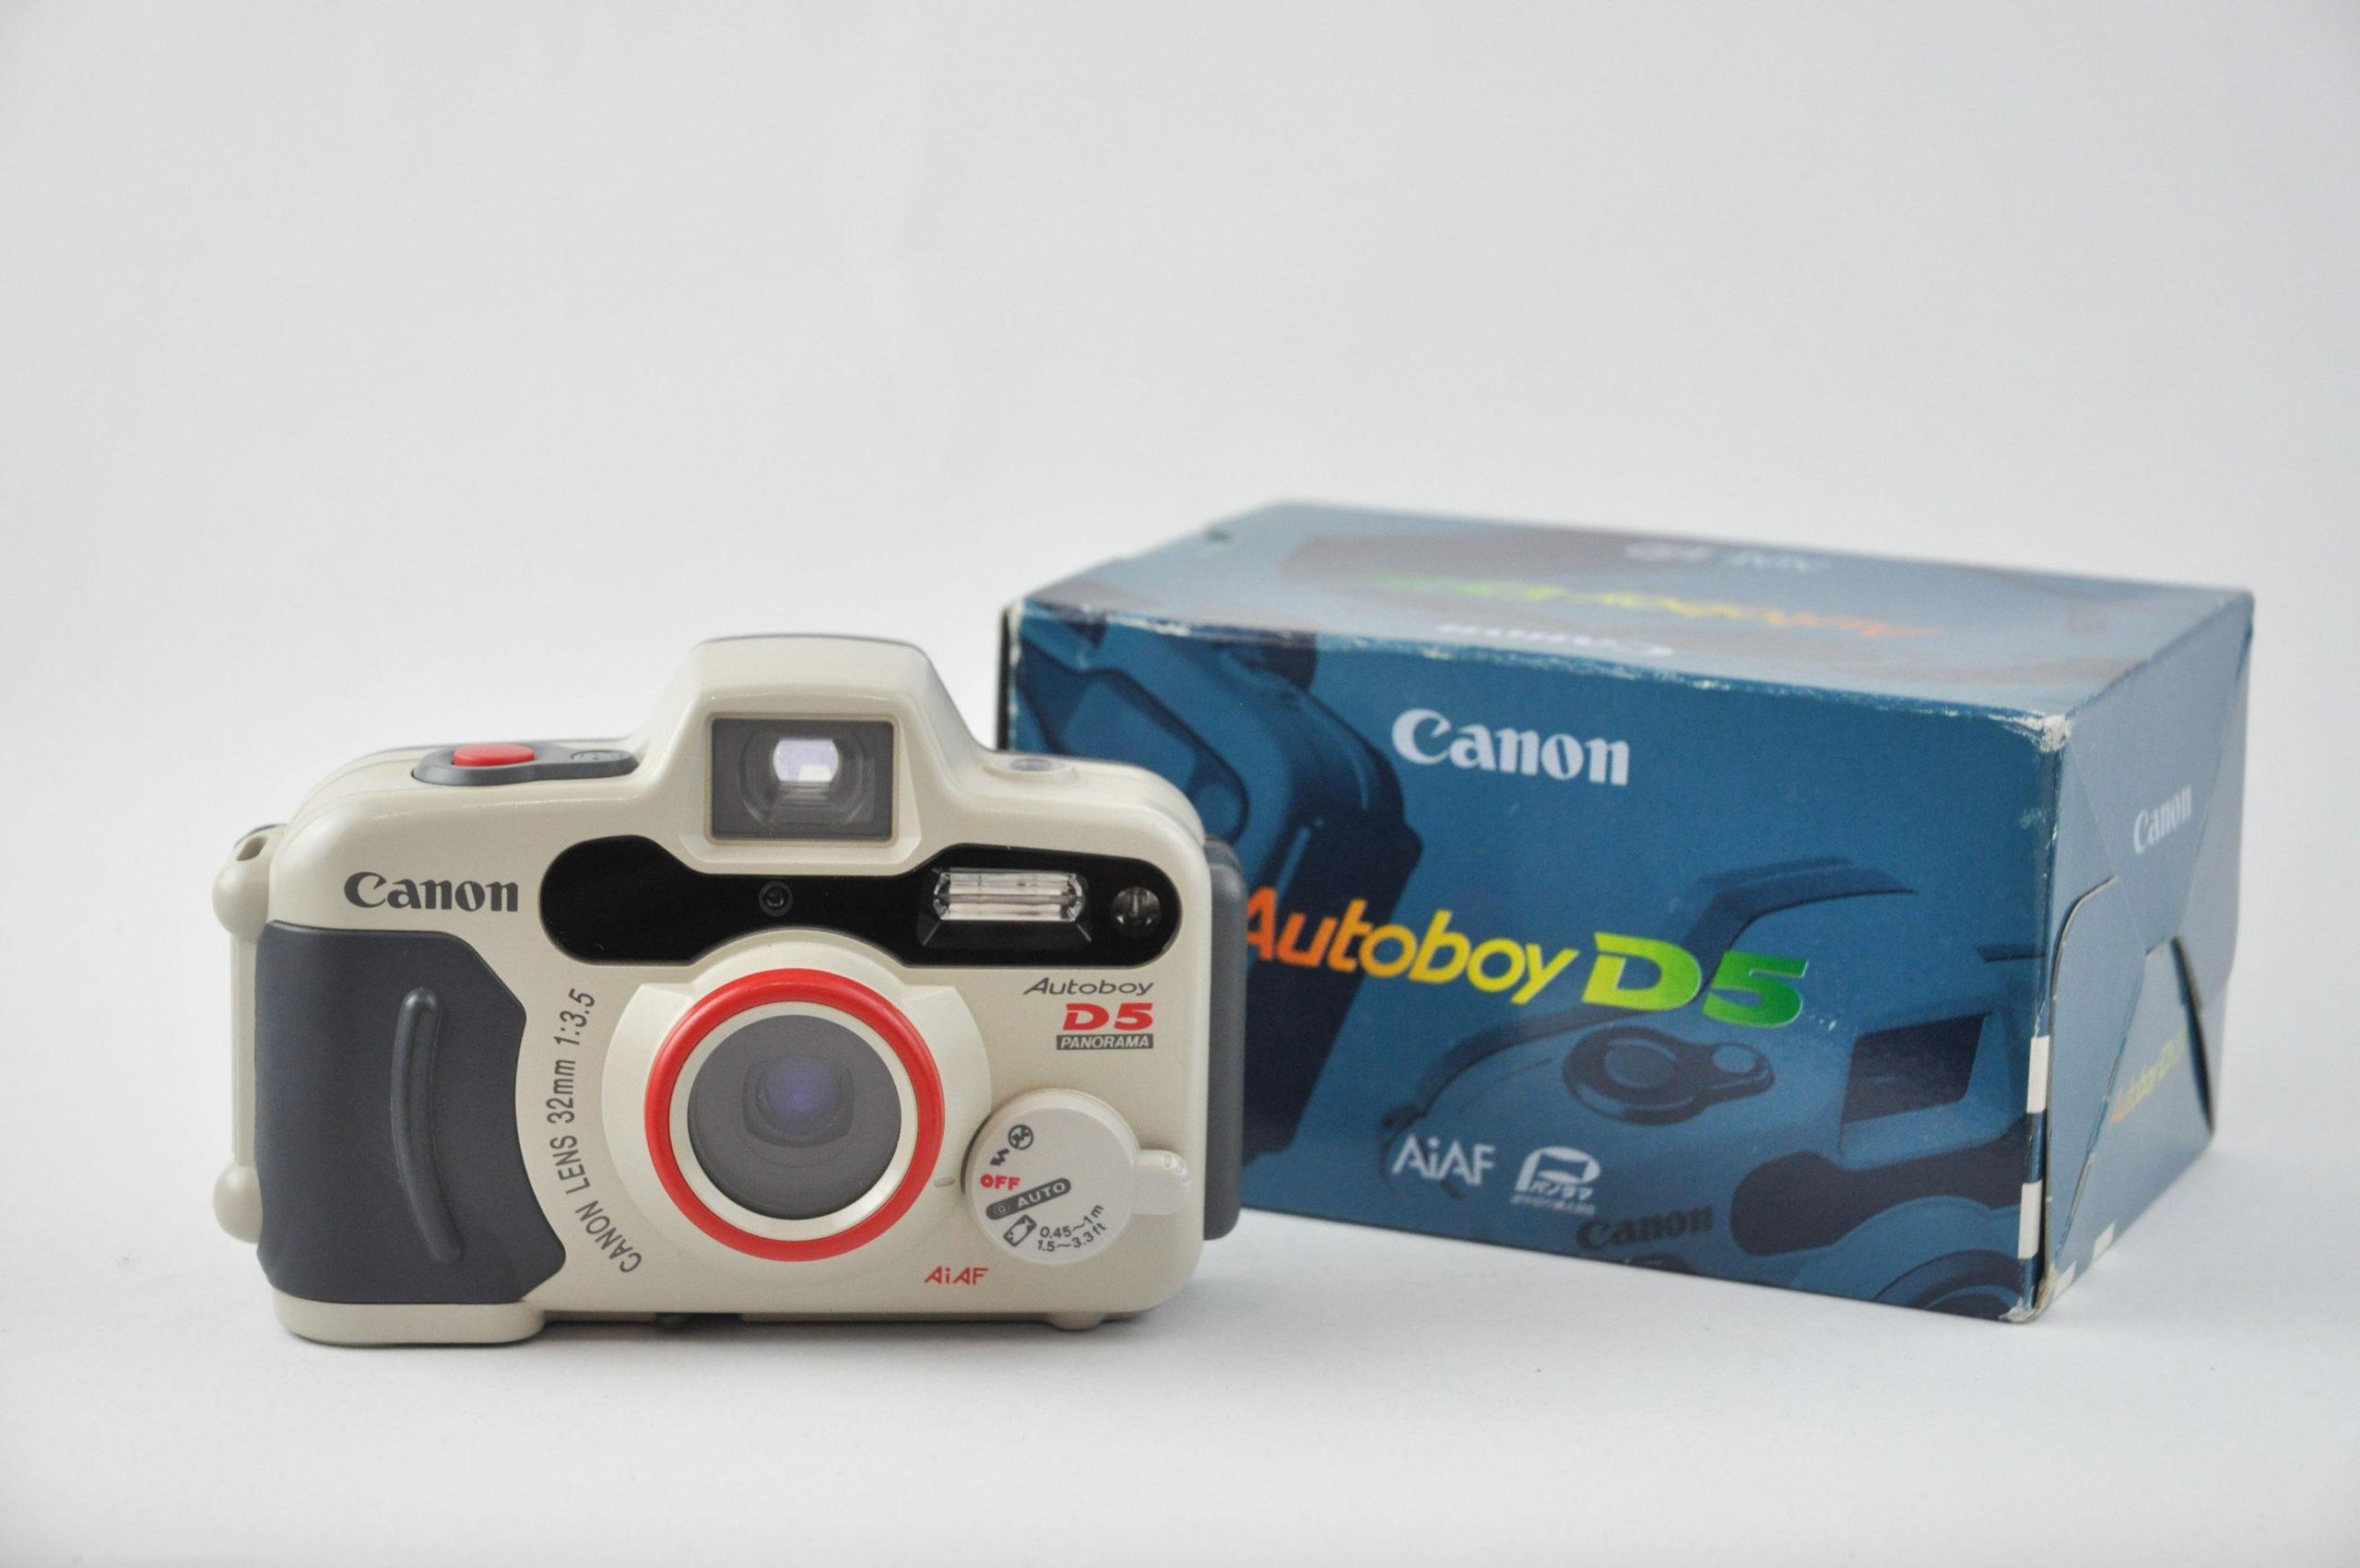 Autoboy D5